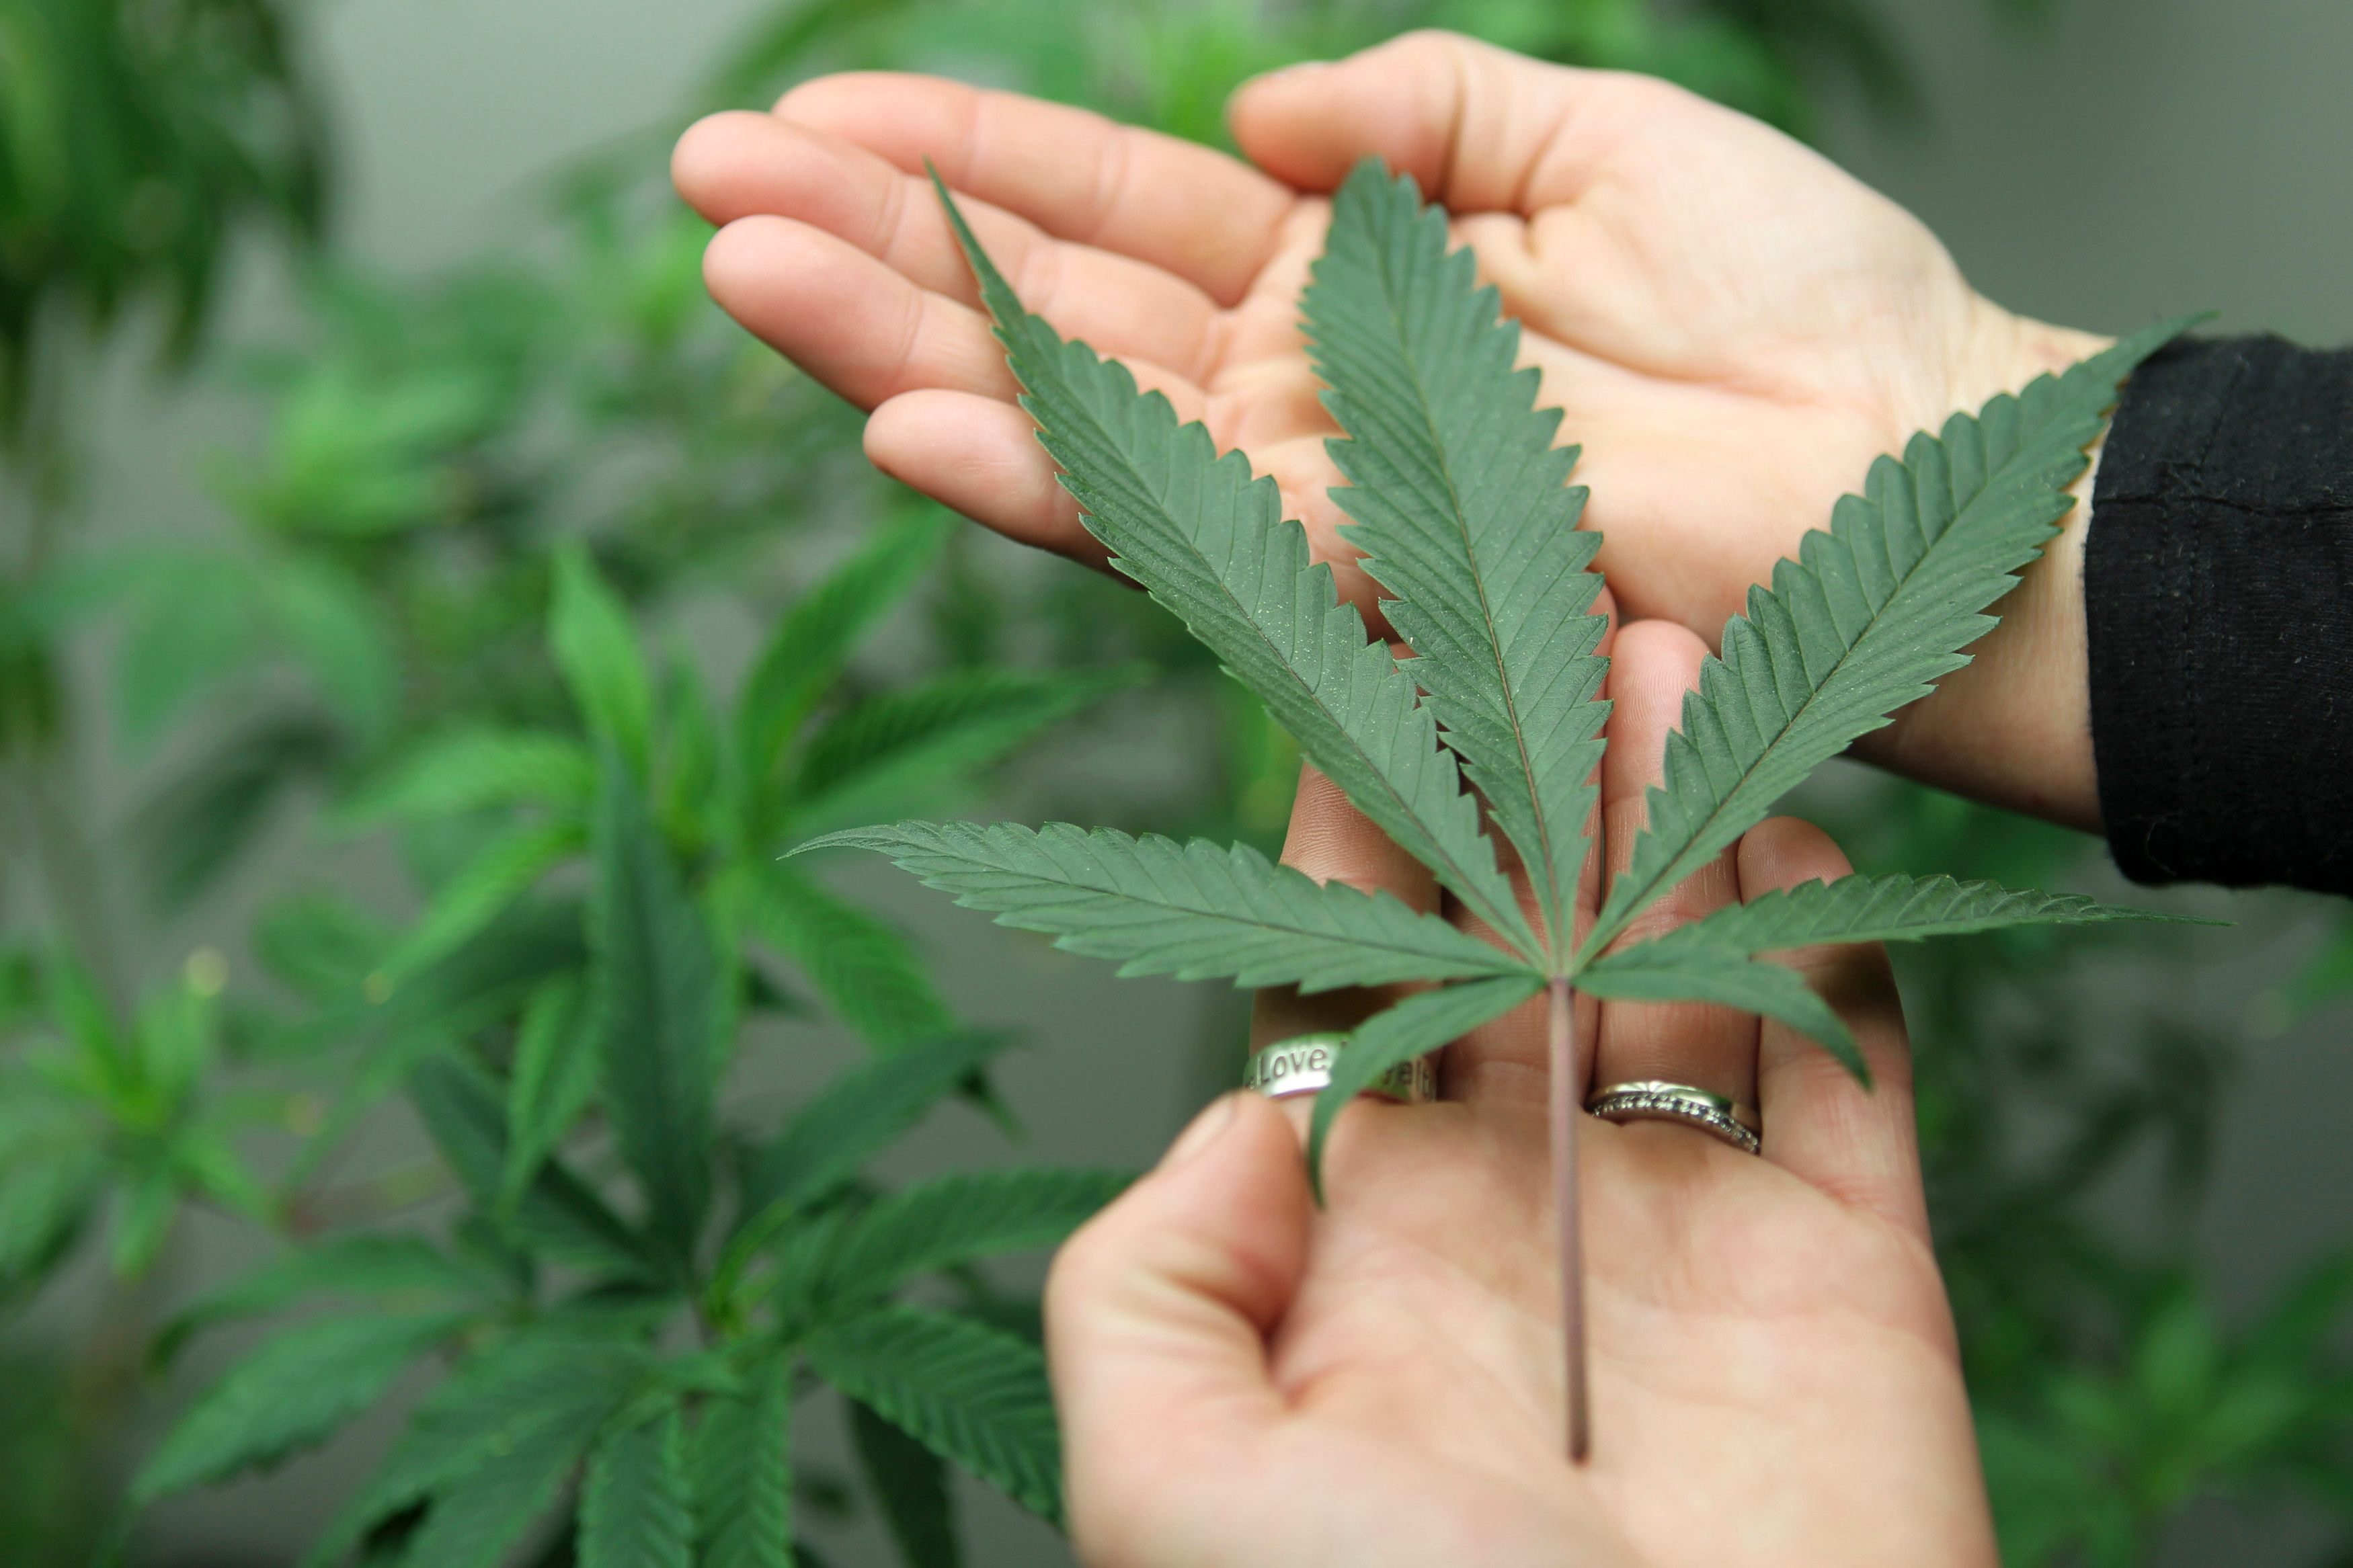 La France vient d'autoriser la vente du Sativex, un médicament dérivé du cannabis.